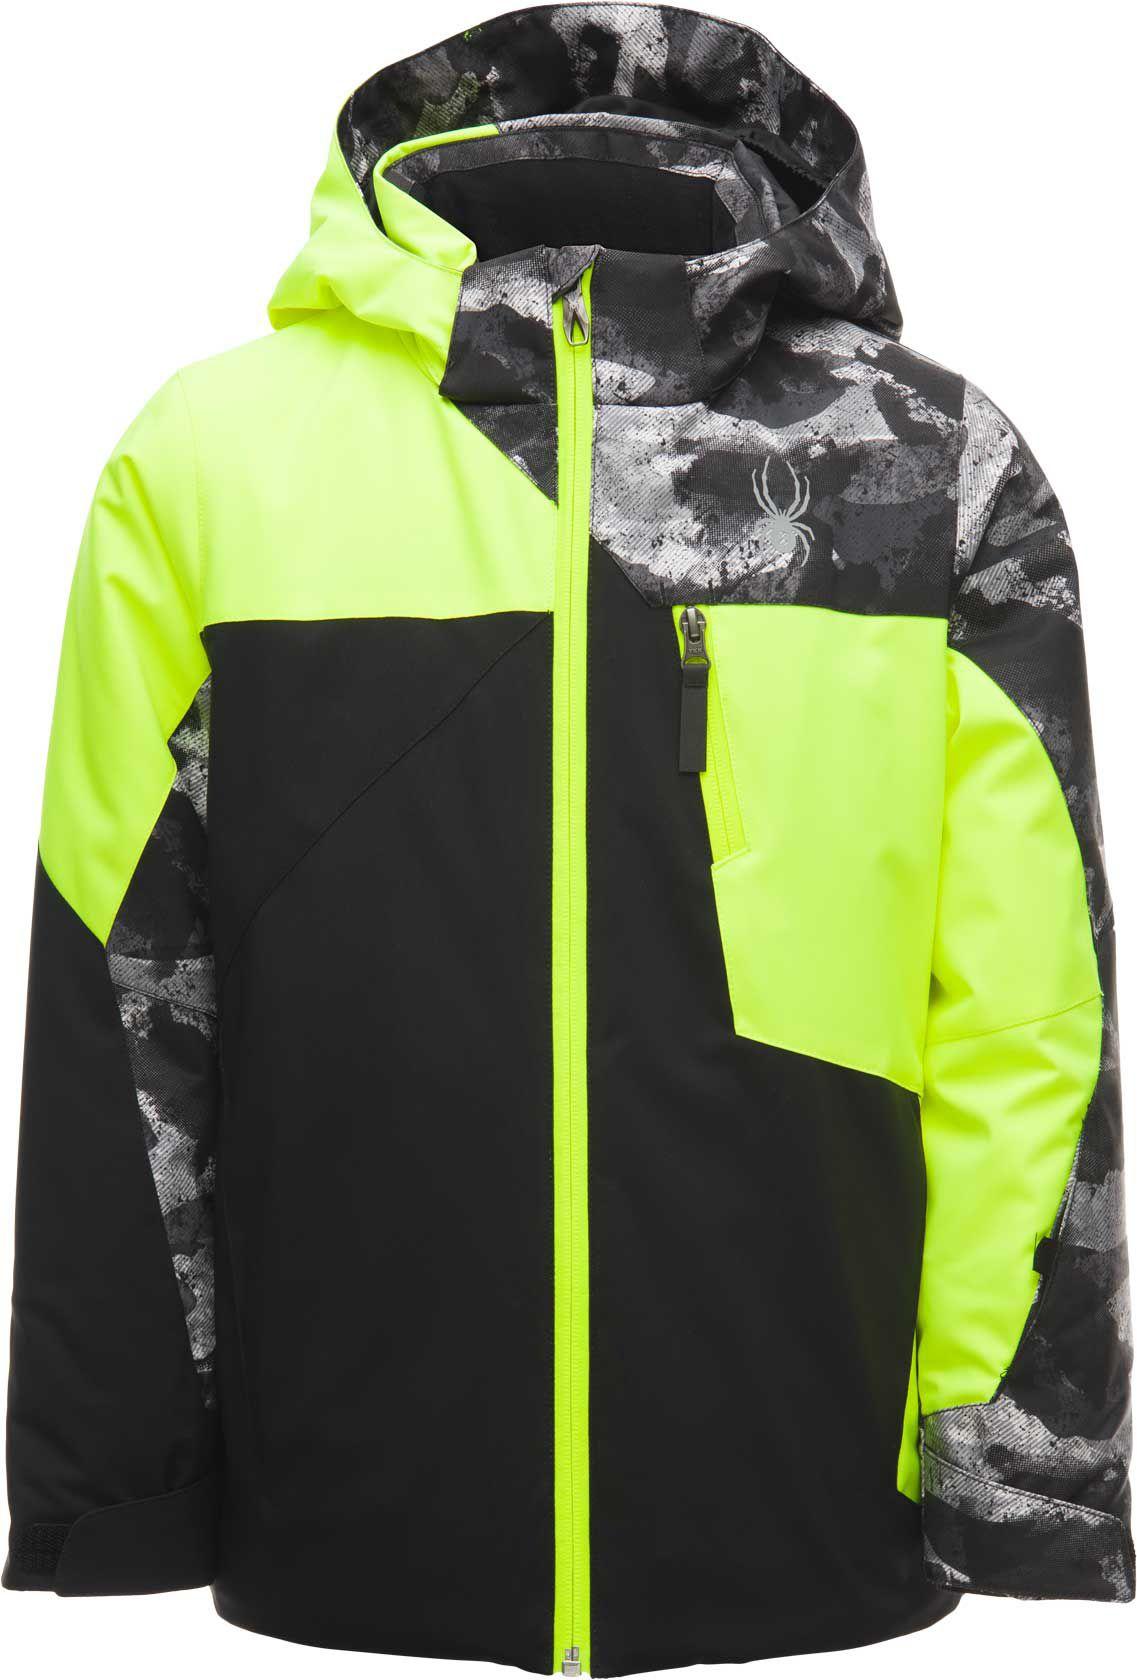 Spyder Boys' Ambush Jacket, Size: 12, Black/Bryte Yellow/Green thumbnail